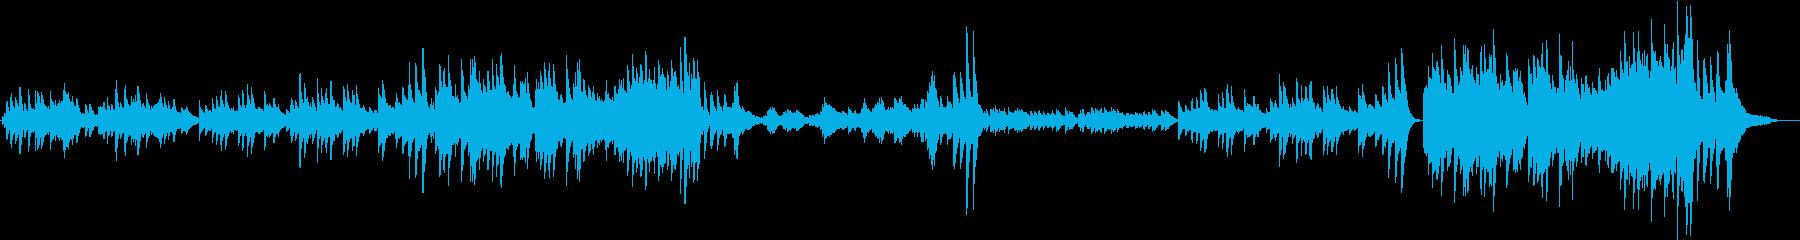 エキゾチックなピアノ曲の再生済みの波形